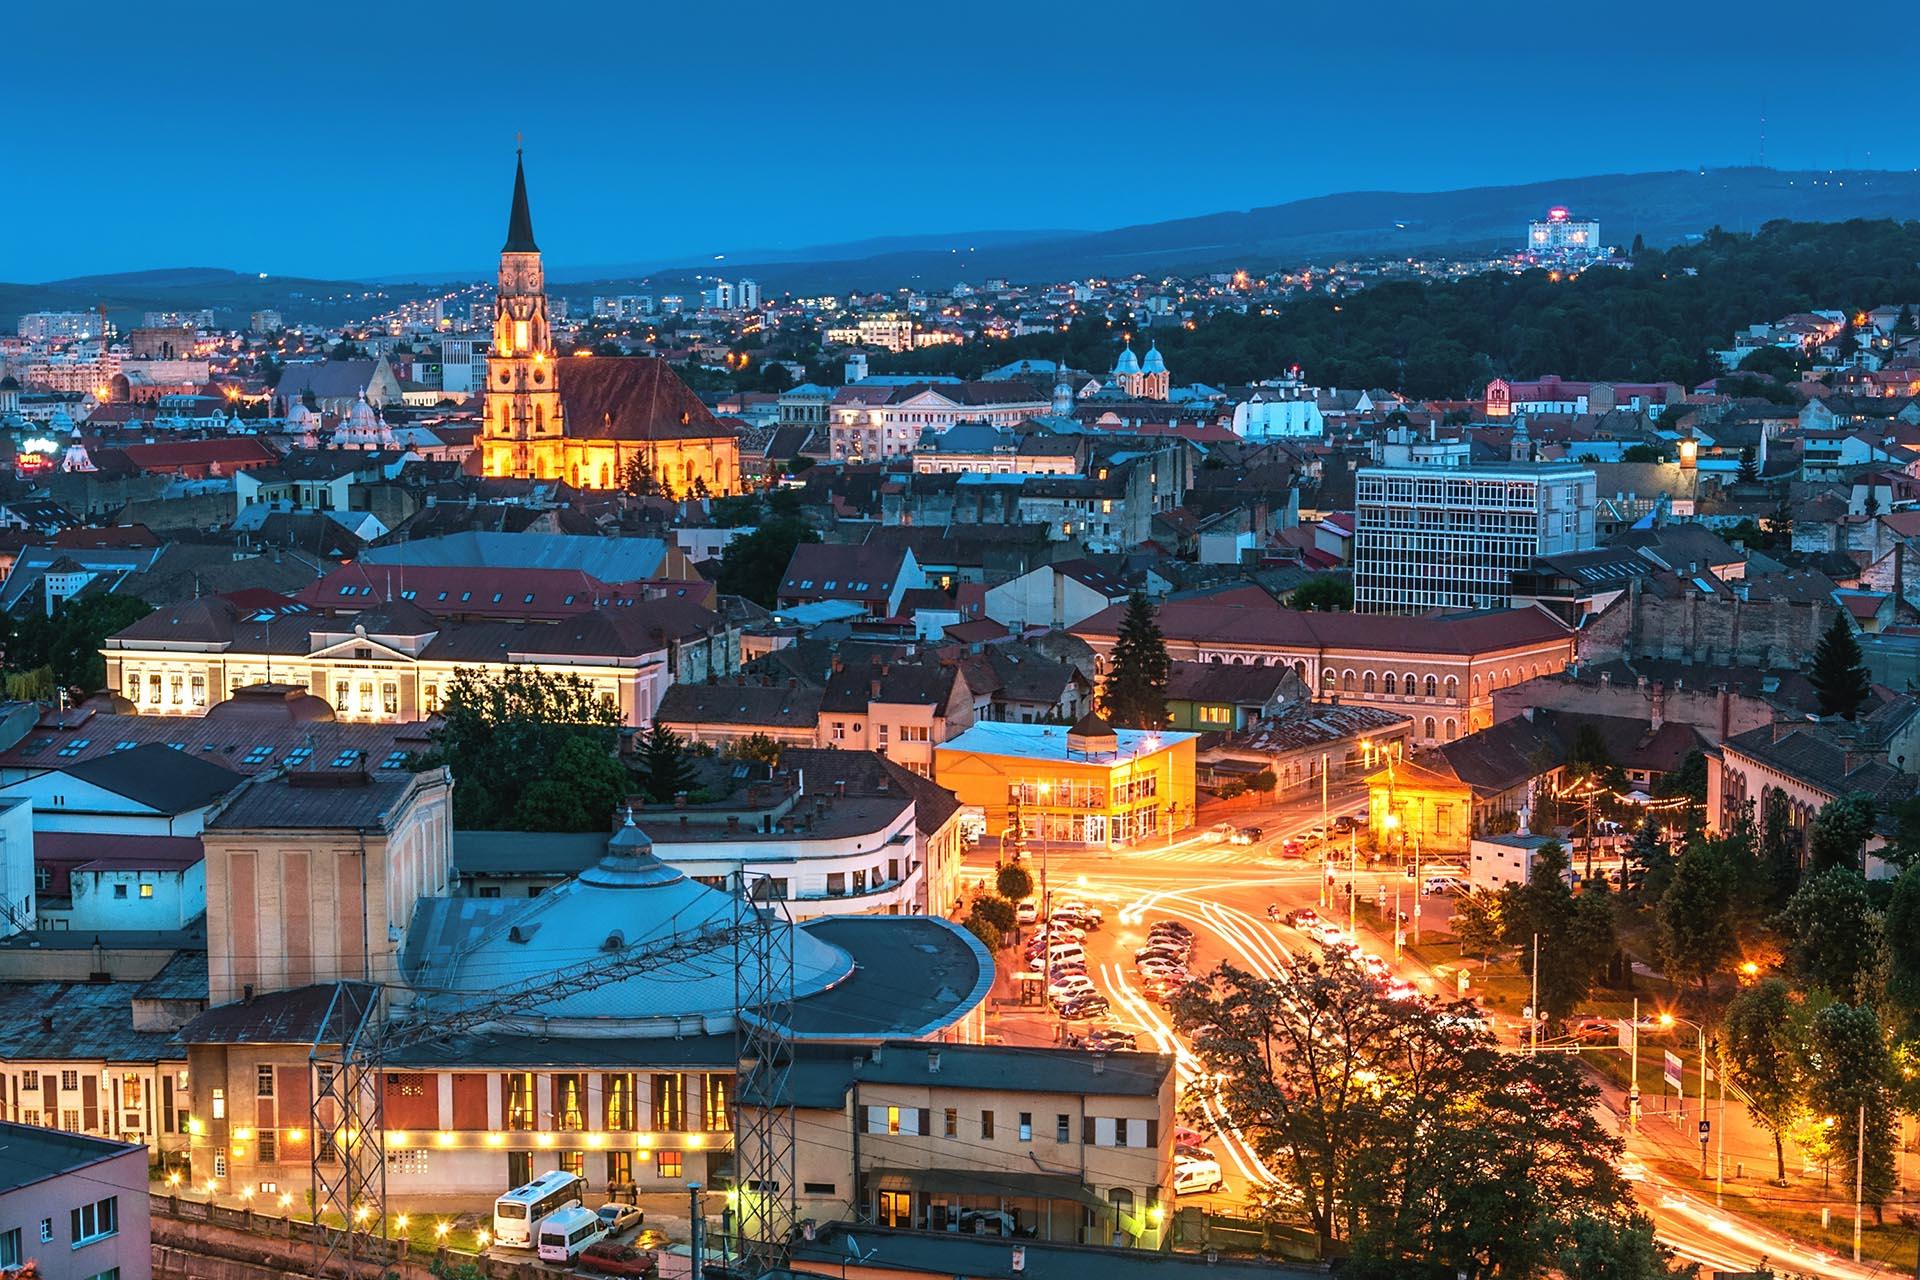 Old city of Cluj-Napoca, night scene